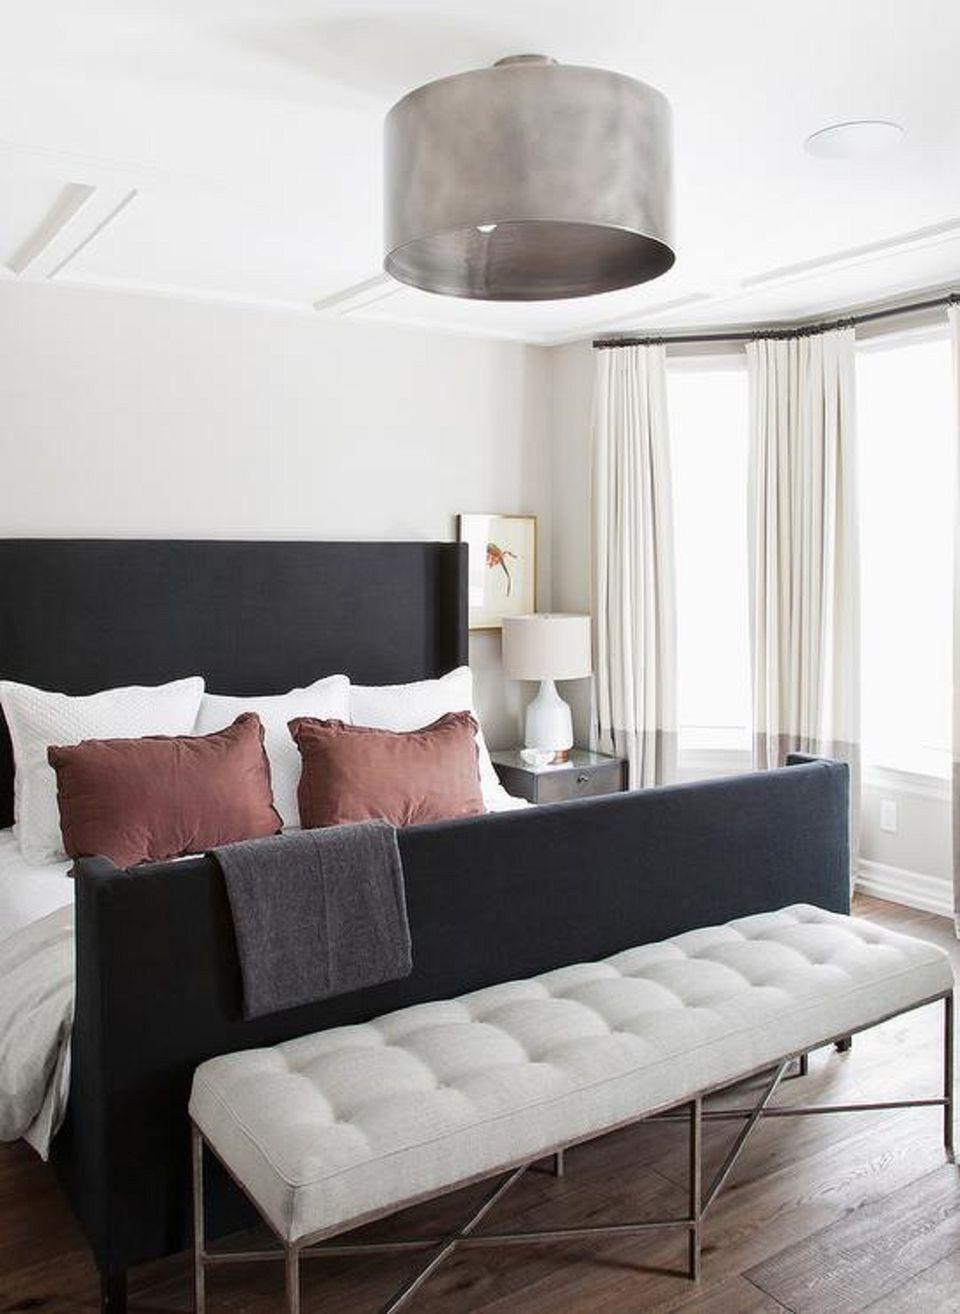 25 master bedroom lighting ideas Rope lighting master bedroom